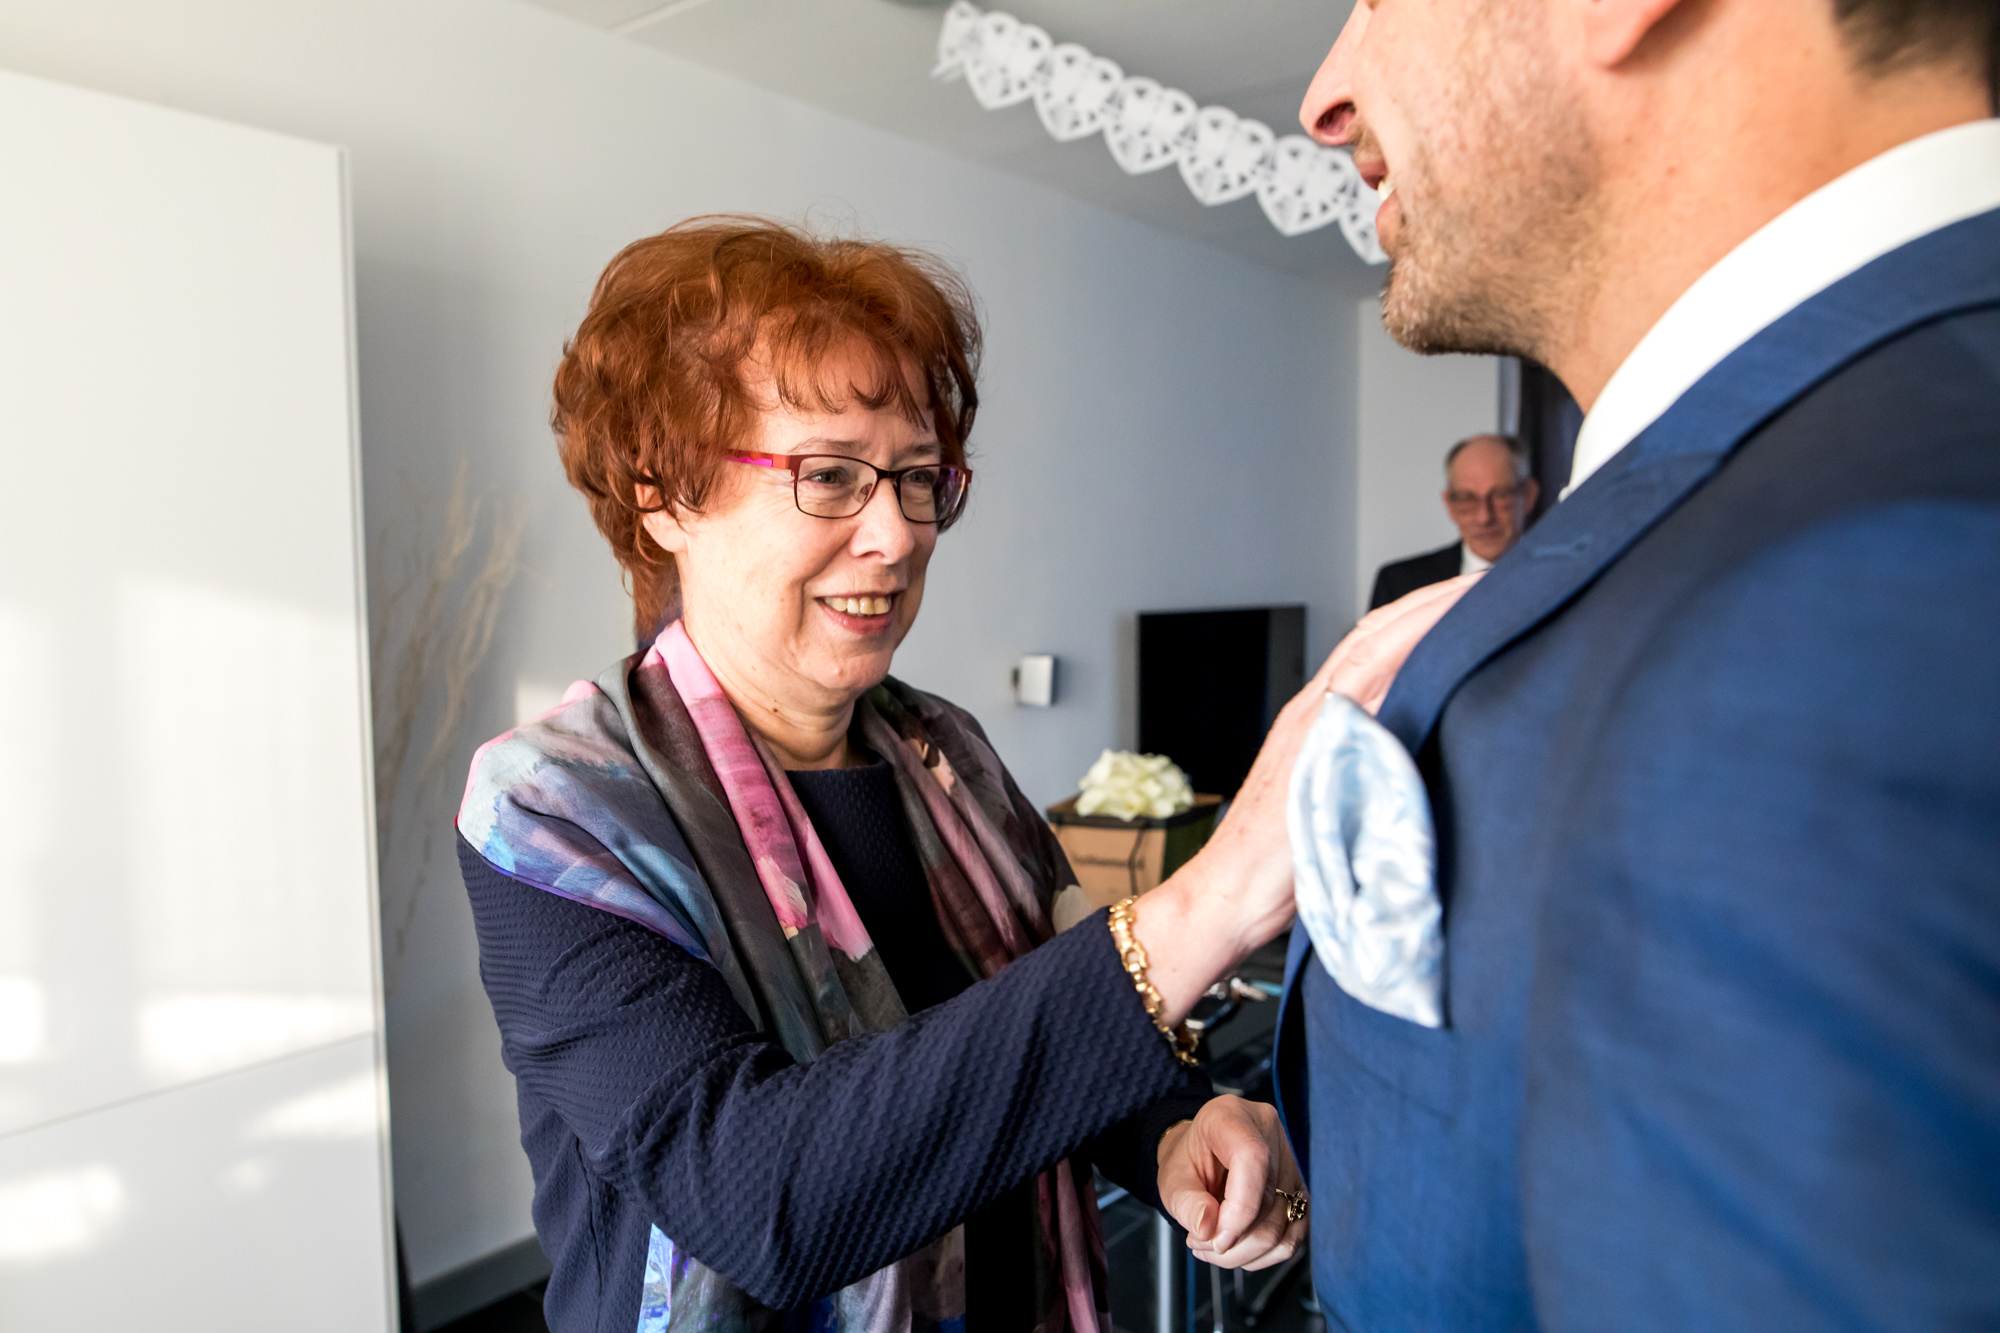 Trouwen Trouwreportage Bruiloft Trouwen In Twente